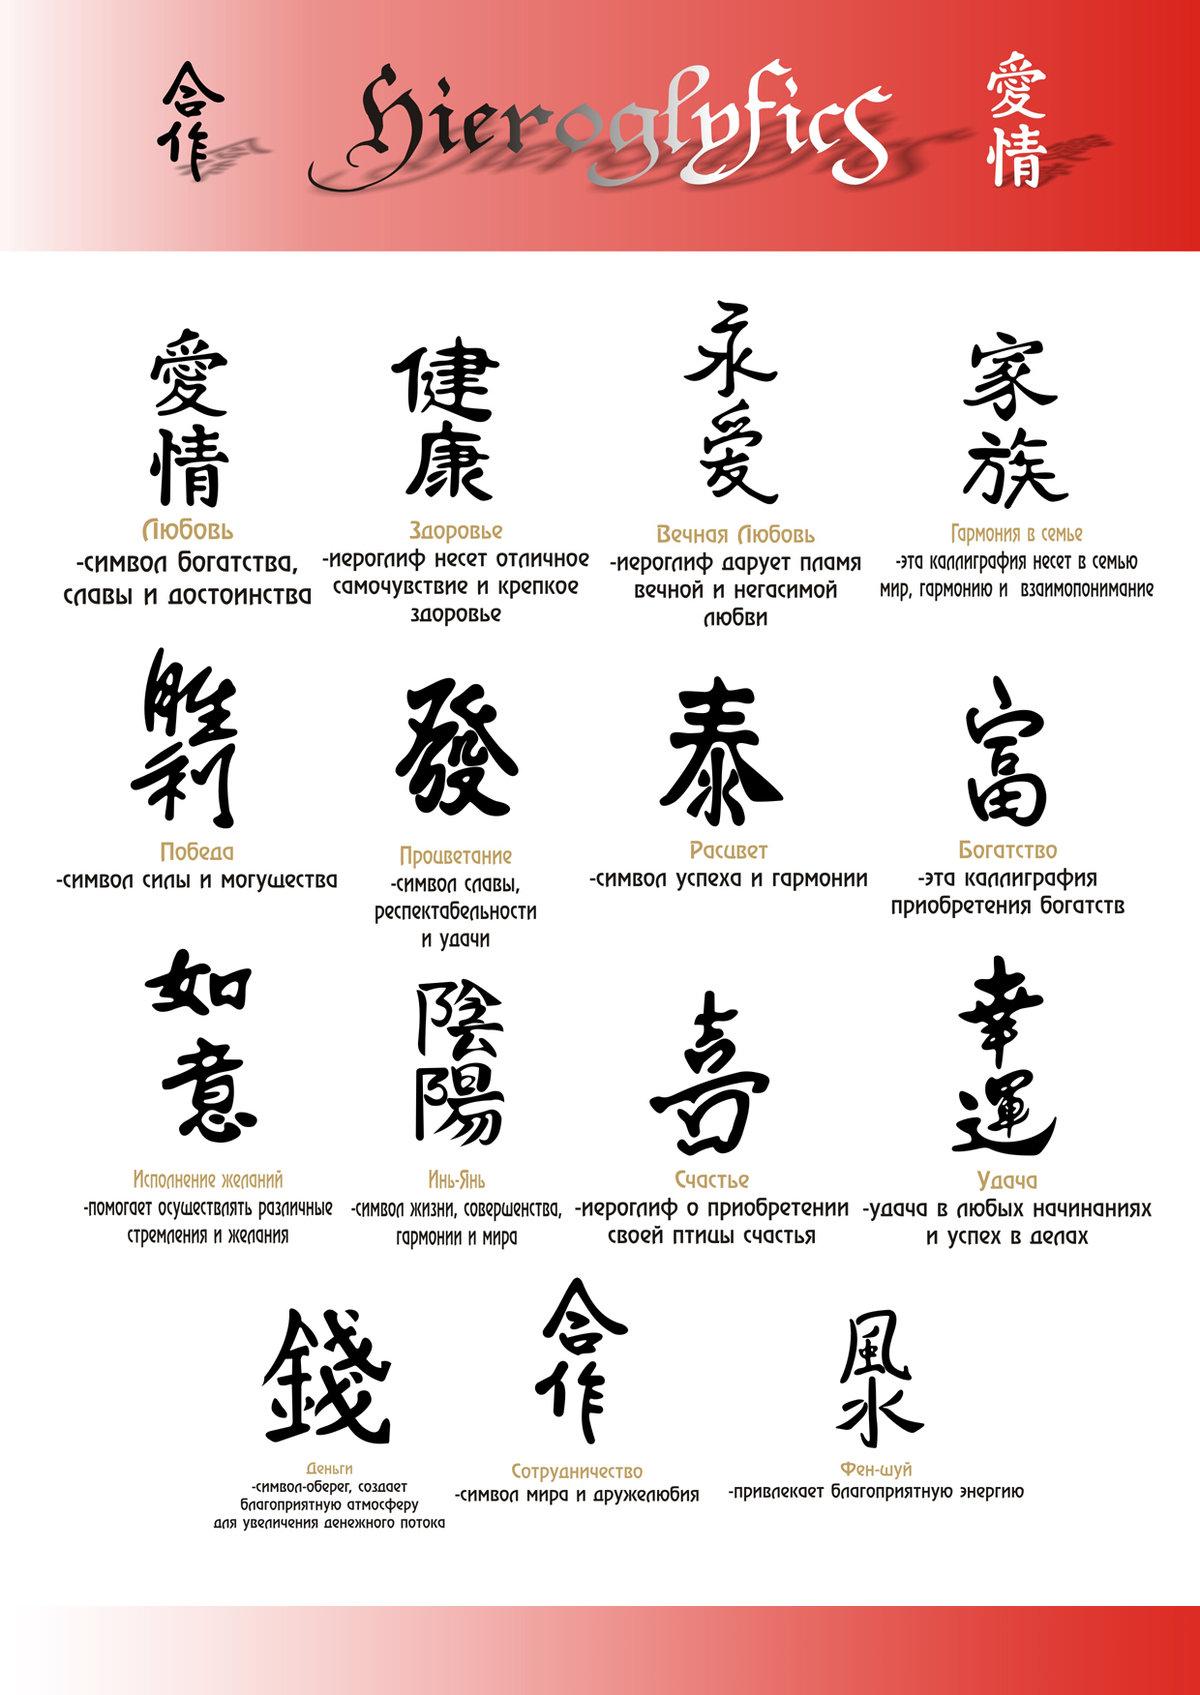 Картинки с китайскими иероглифами с переводом, малышами